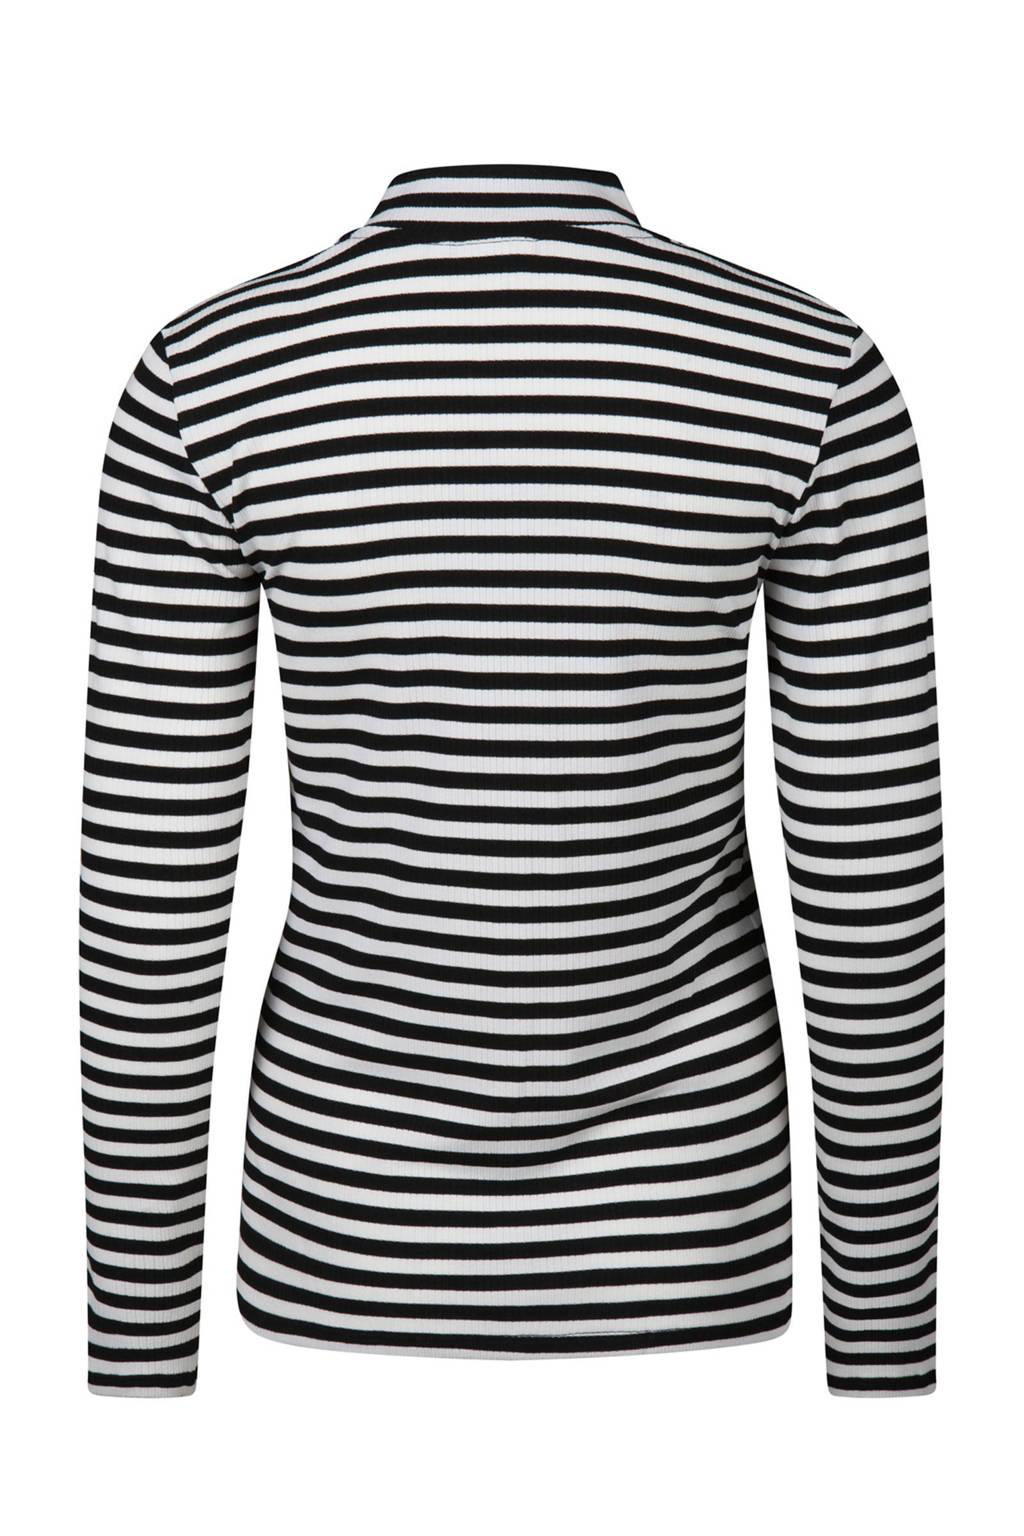 Beroemd WE Fashion gestreepte top met col zwart/wit | wehkamp #KQ78